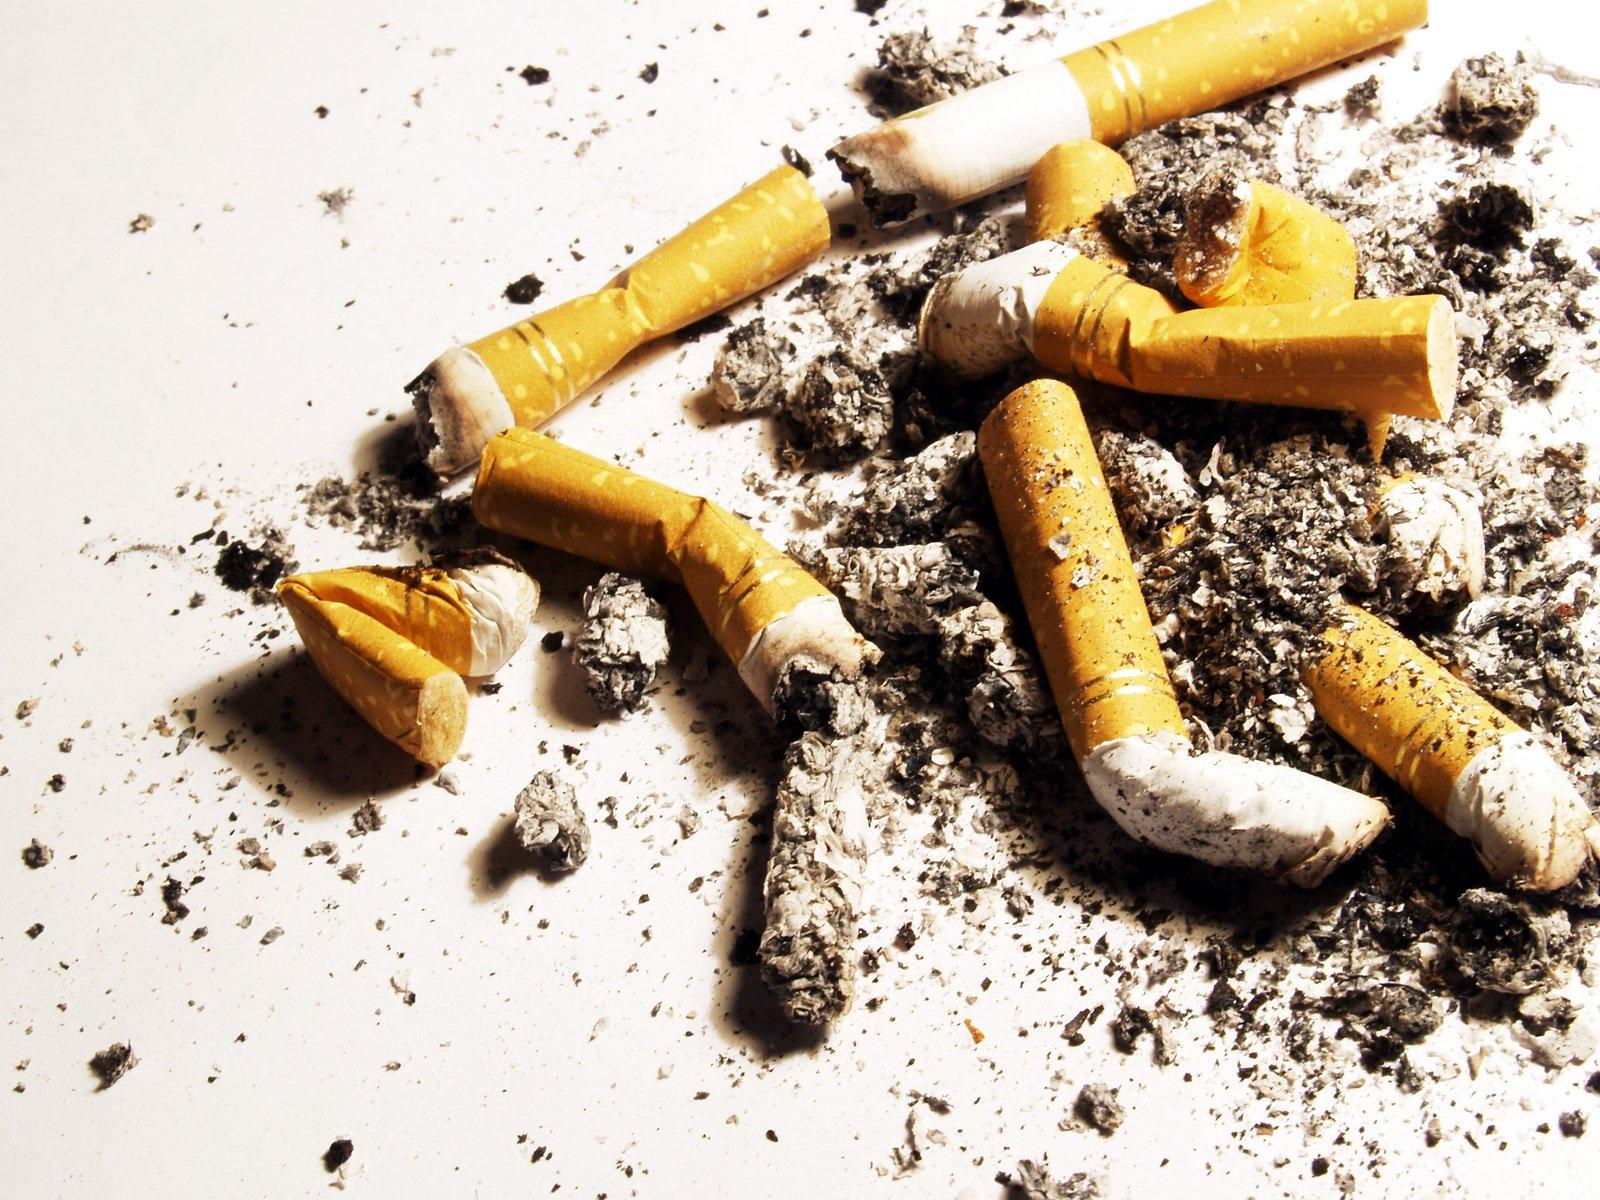 A smoker's mess